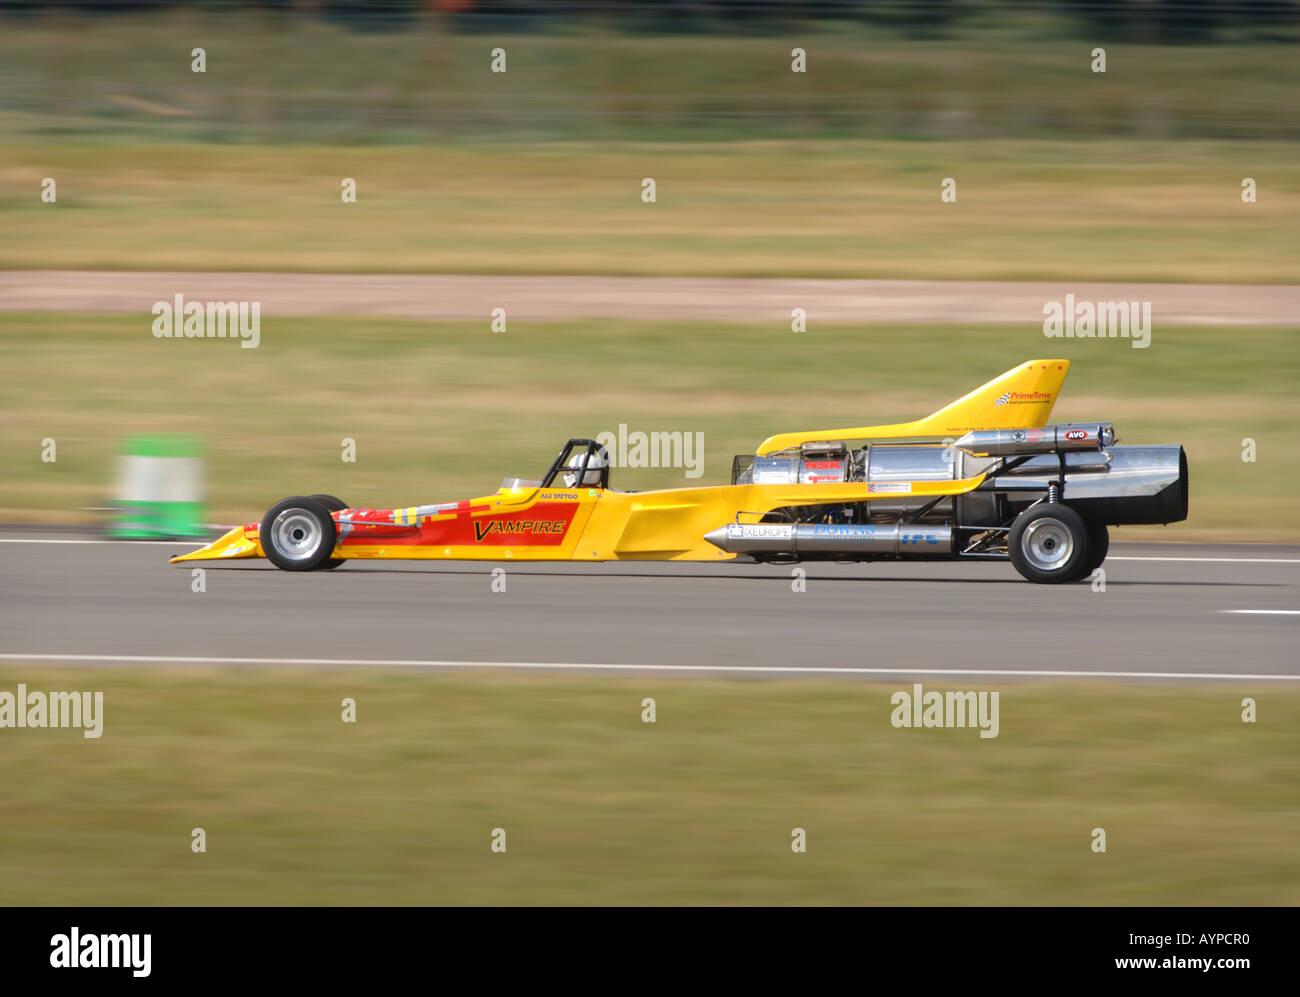 La British Land Speed Record de tenter l'ESSAI PILOTE COLIN JACHÈRES LA VOITURE À JET VAMPIRE AFTERBURNING RAF FAIRFORD Photo Stock